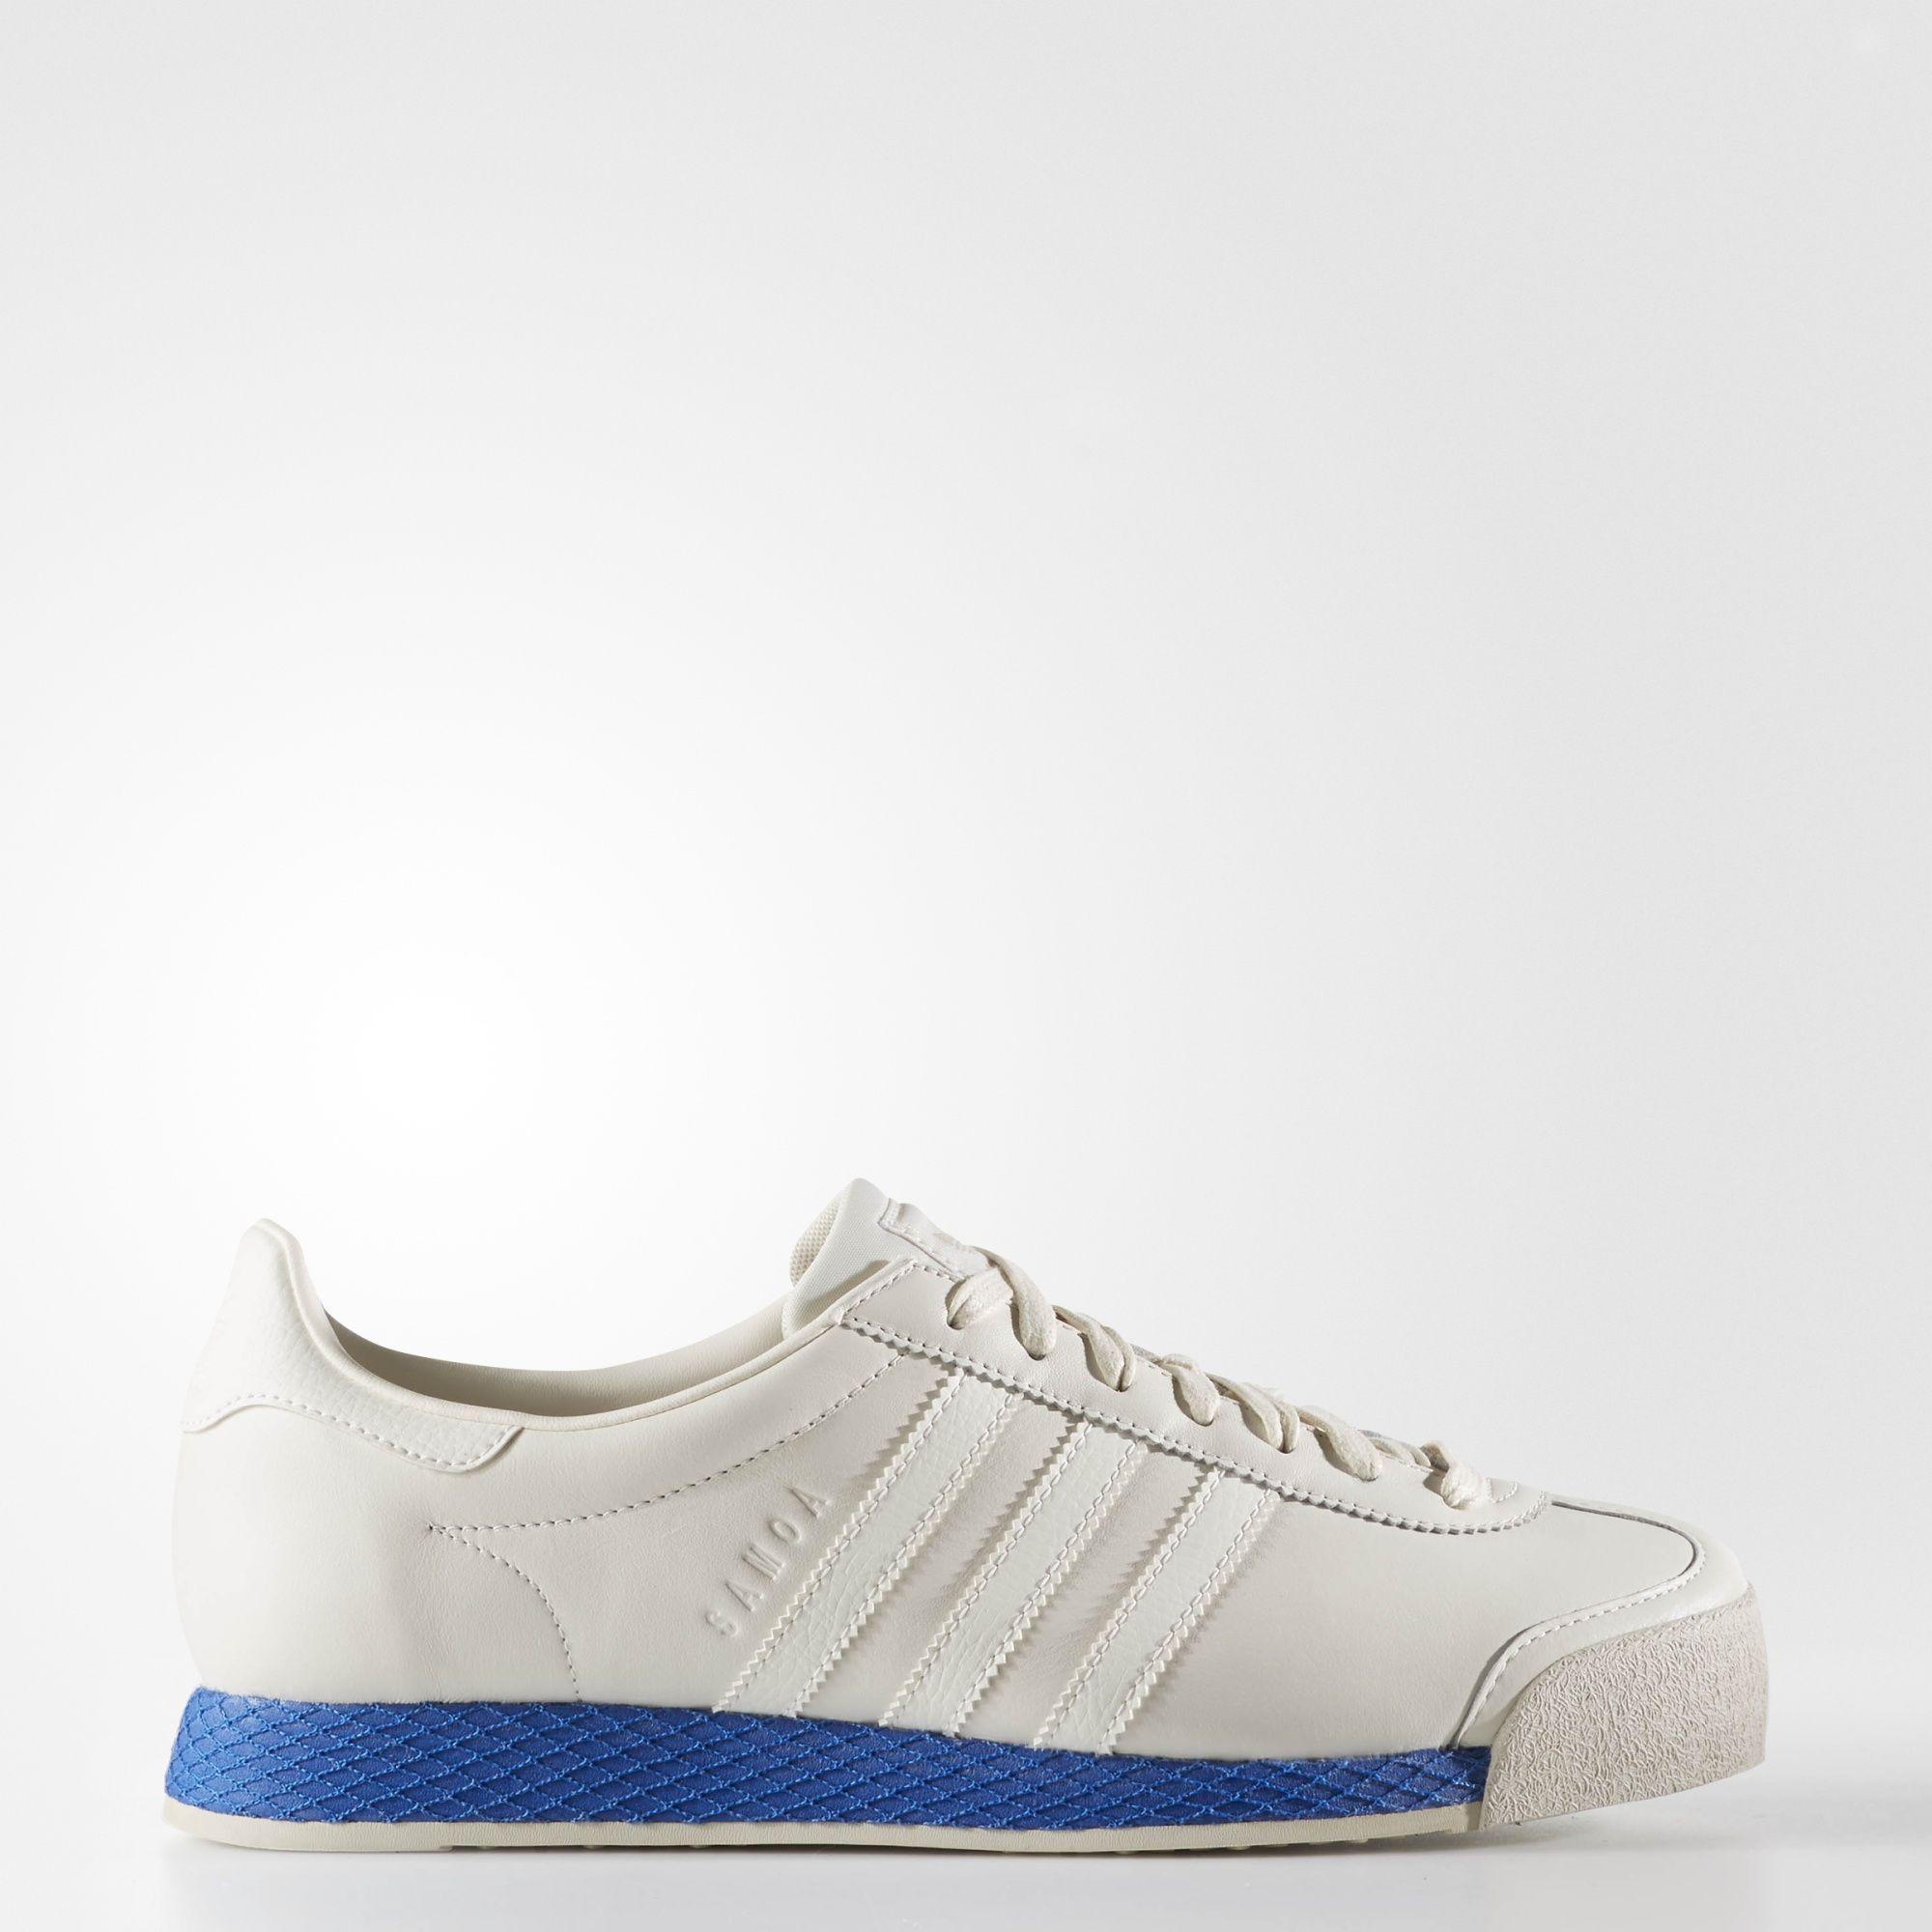 adidas - Samoa Vintage Schoenen